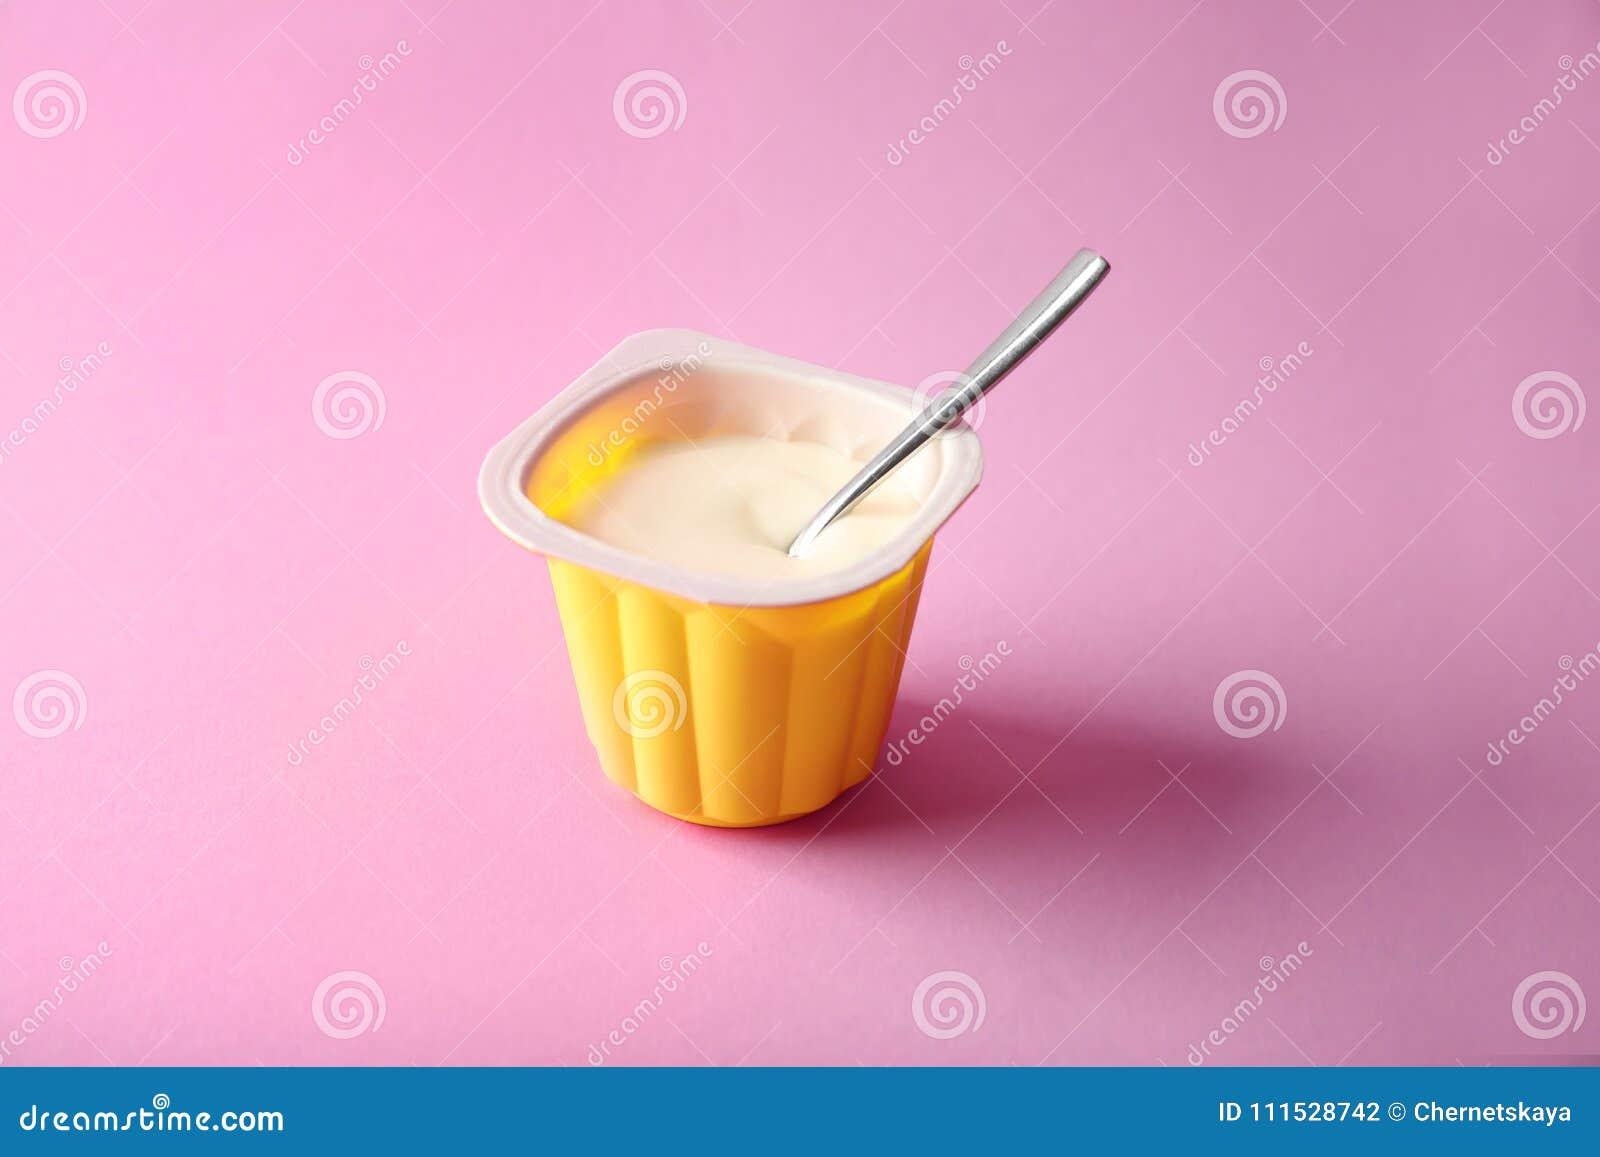 塑料杯子用美味的酸奶